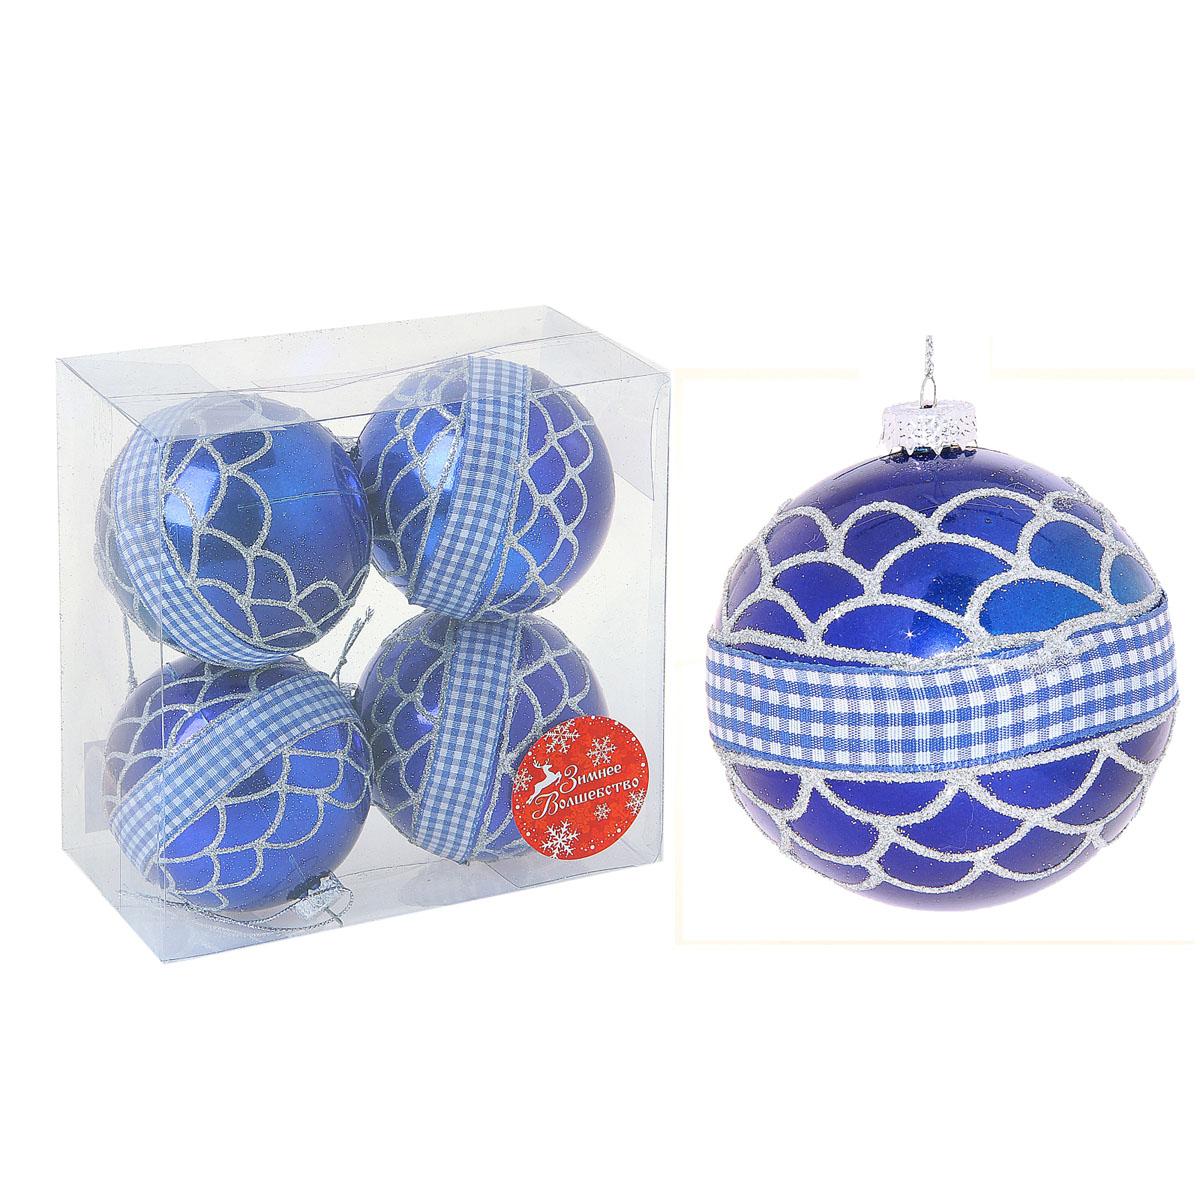 Набор новогодних подвесных украшений Sima-land Шар, цвет: синий, диаметр 8 см, 4 шт. 702209702209Набор новогодних подвесных украшений выполнен из высококачественного пластика в форме шаров. Шары декорированы тесьмой и блестками. С помощью специальной петельки украшение можно повесить в любом понравившемся вам месте. Но, конечно, удачнее всего такой набор будет смотреться на праздничной елке. Елочная игрушка - символ Нового года. Она несет в себе волшебство и красоту праздника. Создайте в своем доме атмосферу веселья и радости, украшая новогоднюю елку нарядными игрушками, которые будут из года в год накапливать теплоту воспоминаний.